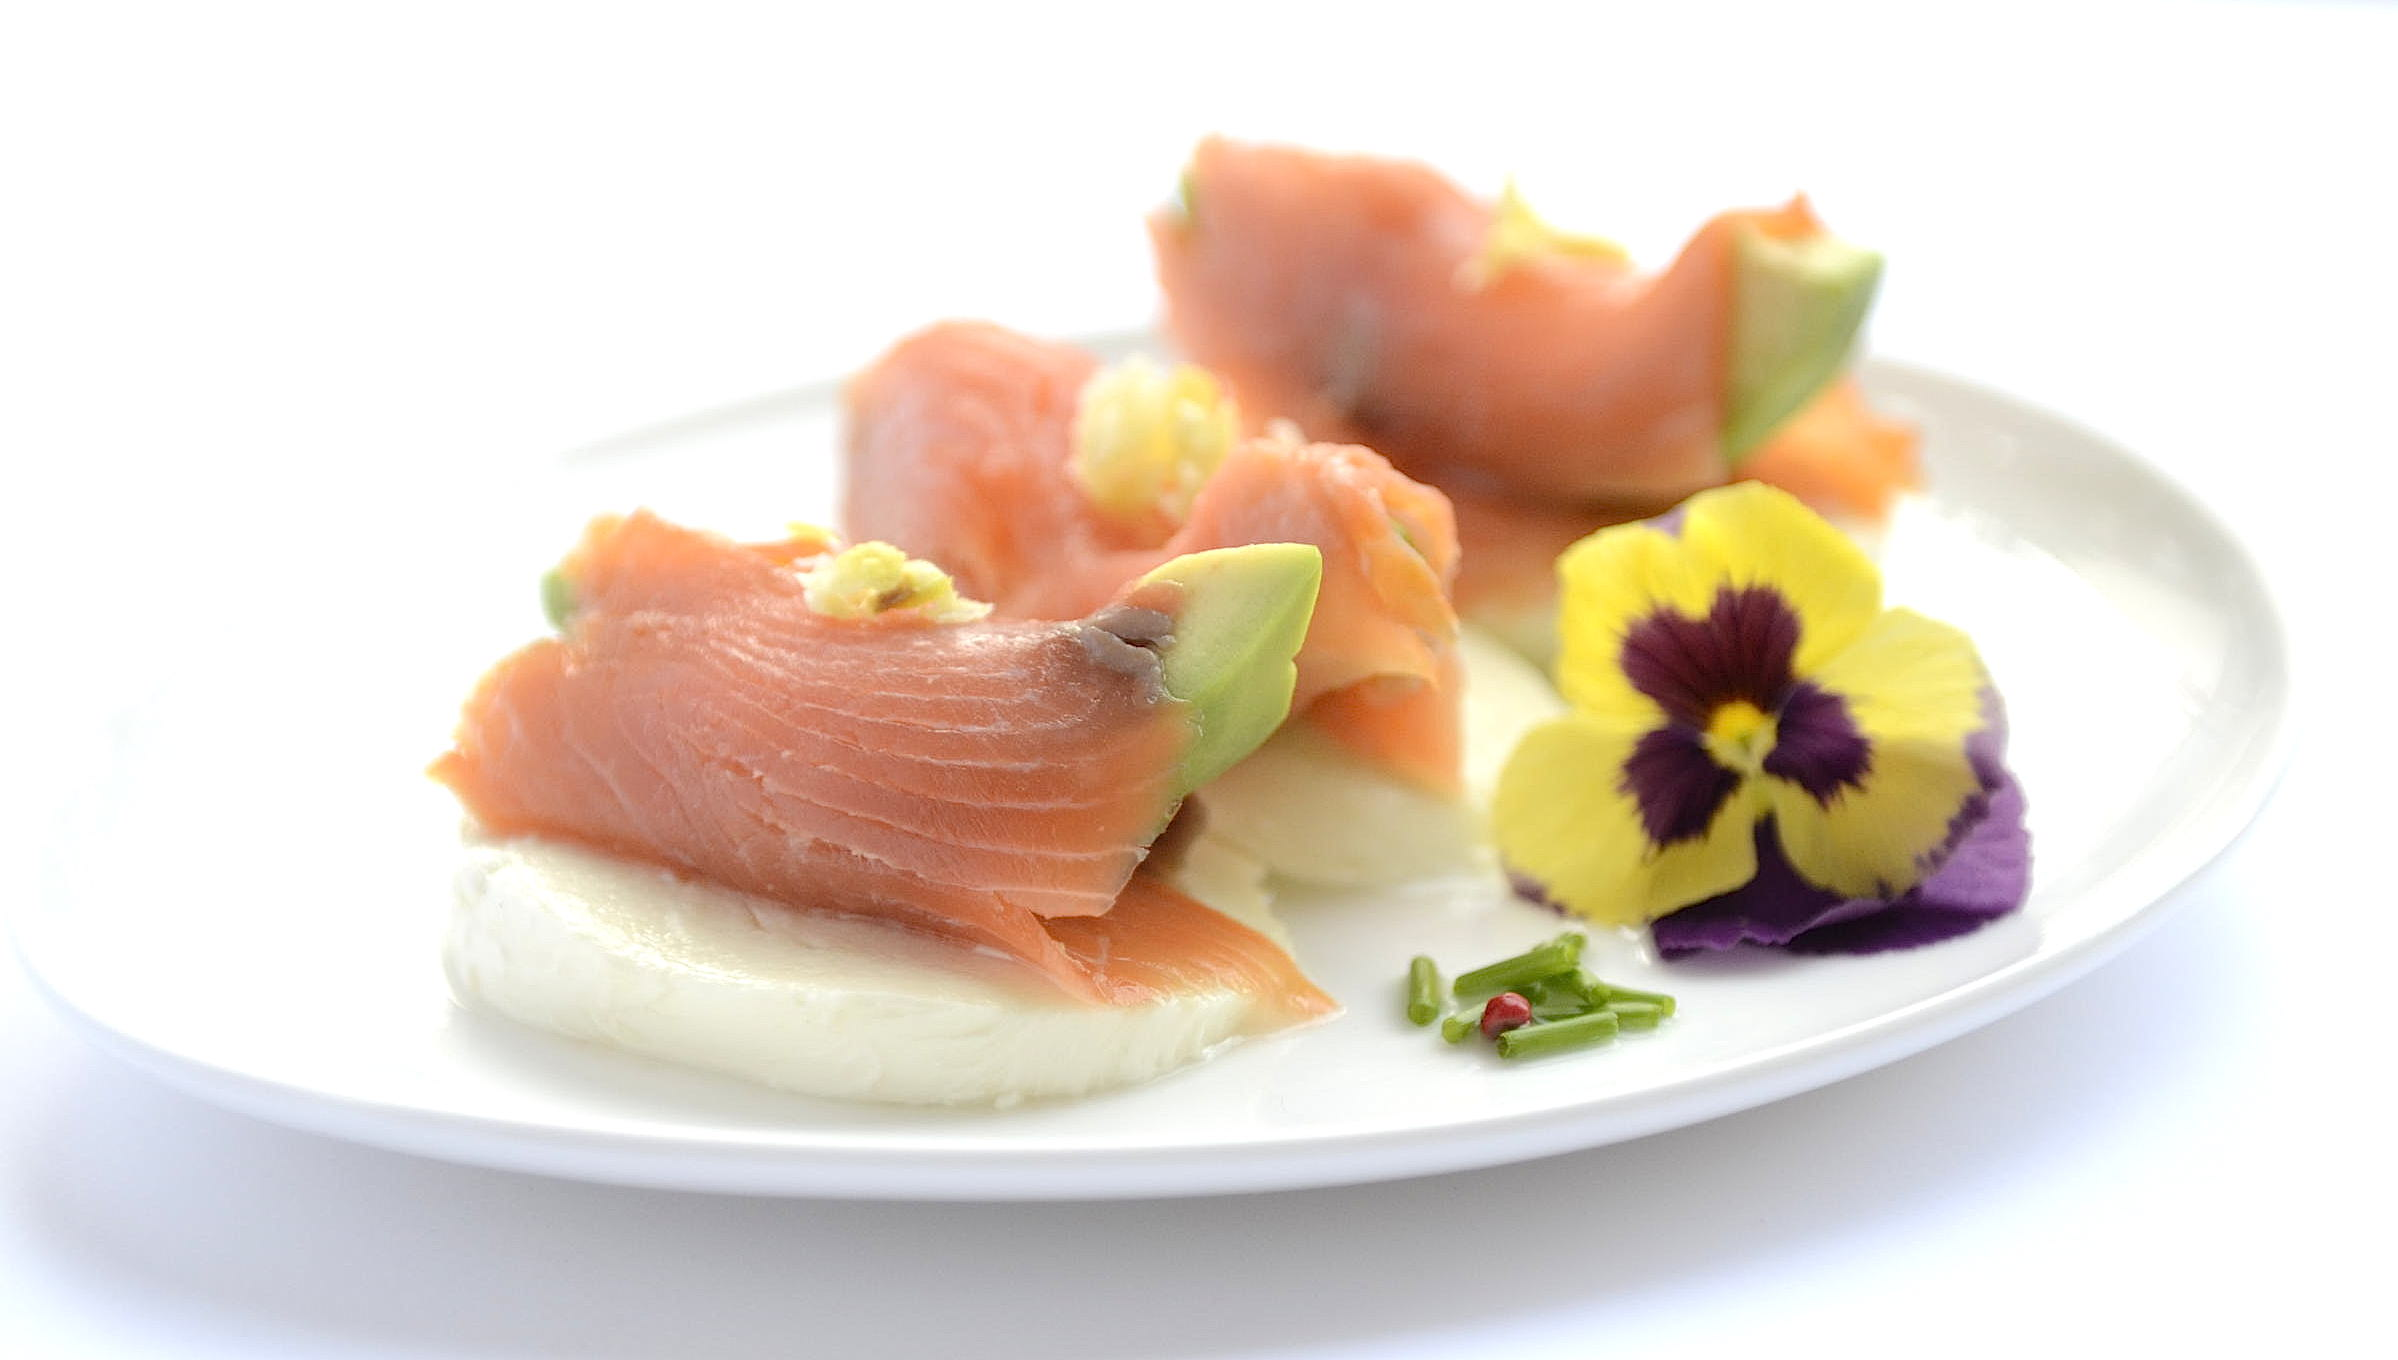 Ensalada de mozzarella fresca aguacate y salm n ahumado - Ensalada de aguacate y salmon ahumado ...